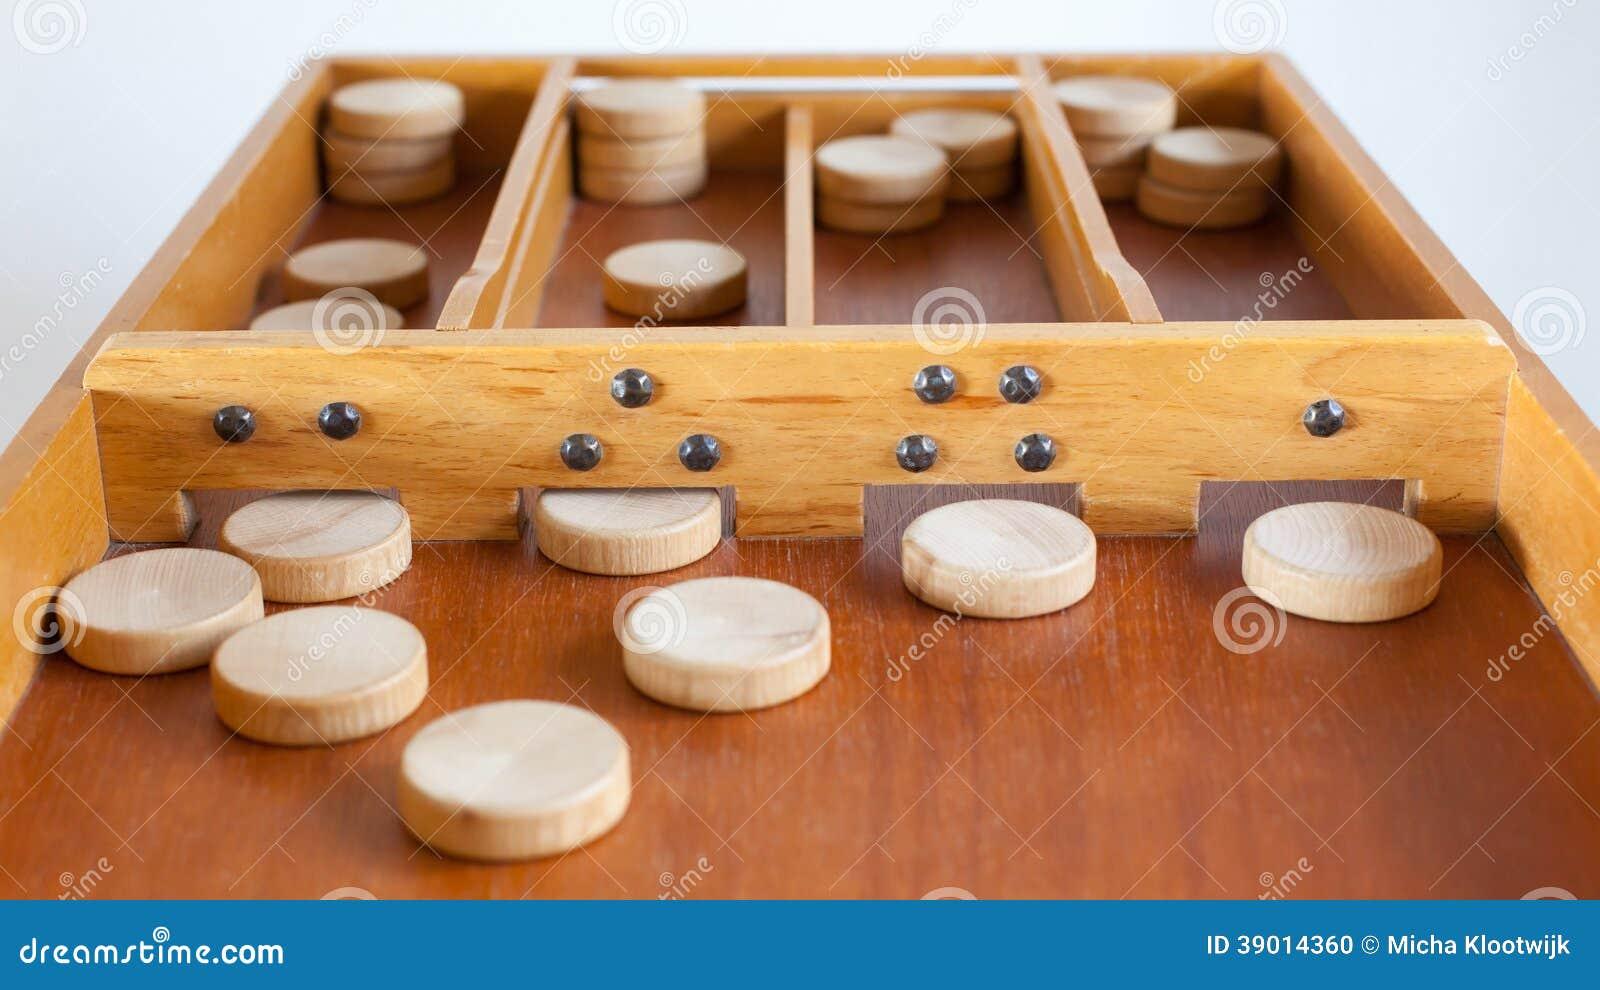 Gioco da tavolo di legno olandese tipico sjoelen for Tavolo legno vecchio usato